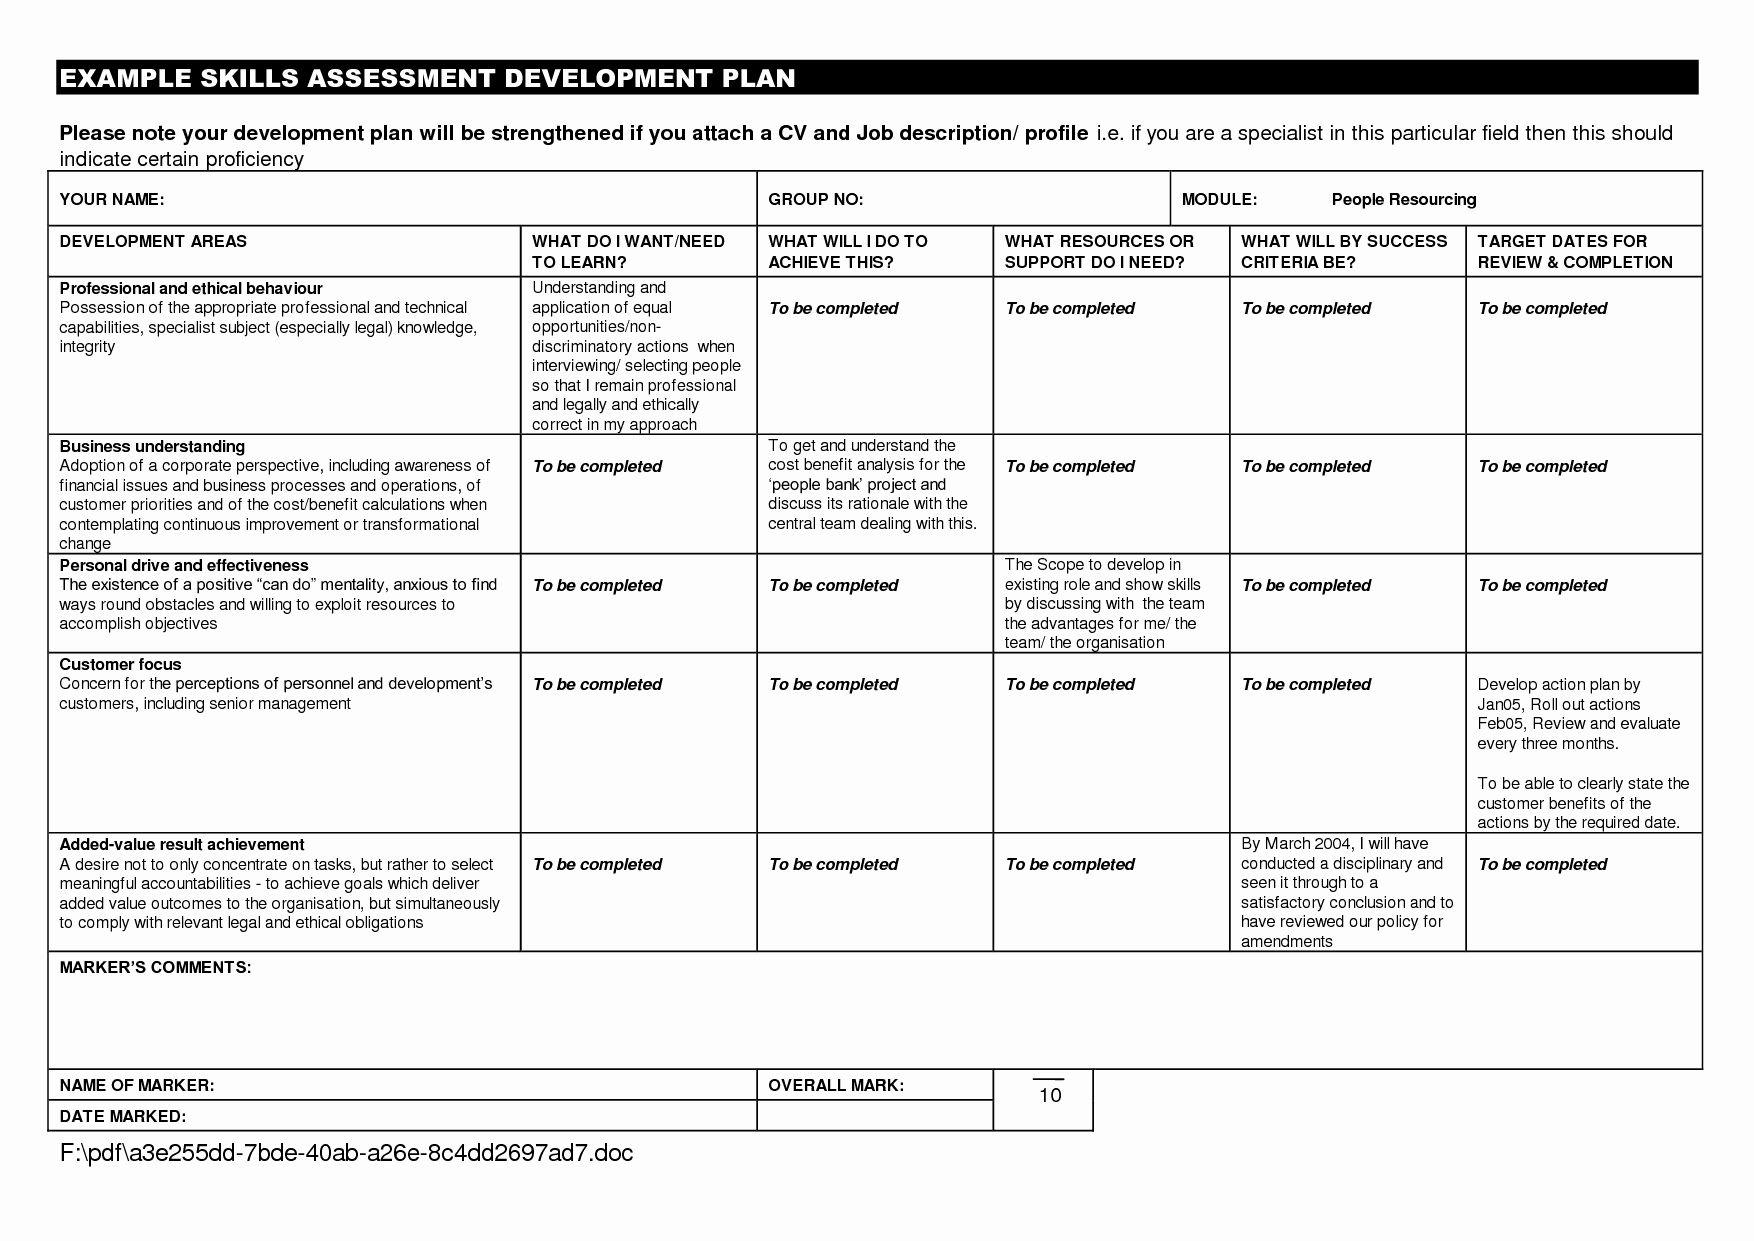 40 fund development plan template in 2020